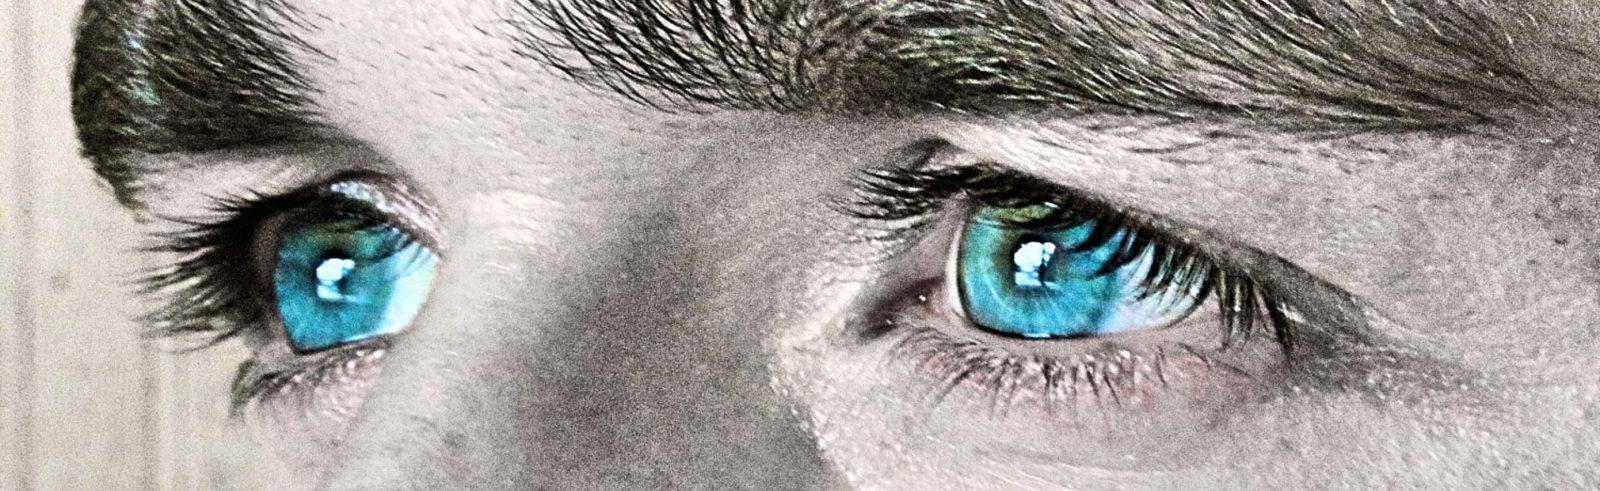 BarfussUmDieWelt-JonathanvonRosenberg-Grundschritt-Augen-Sternenschnuppenaugen-barfuß